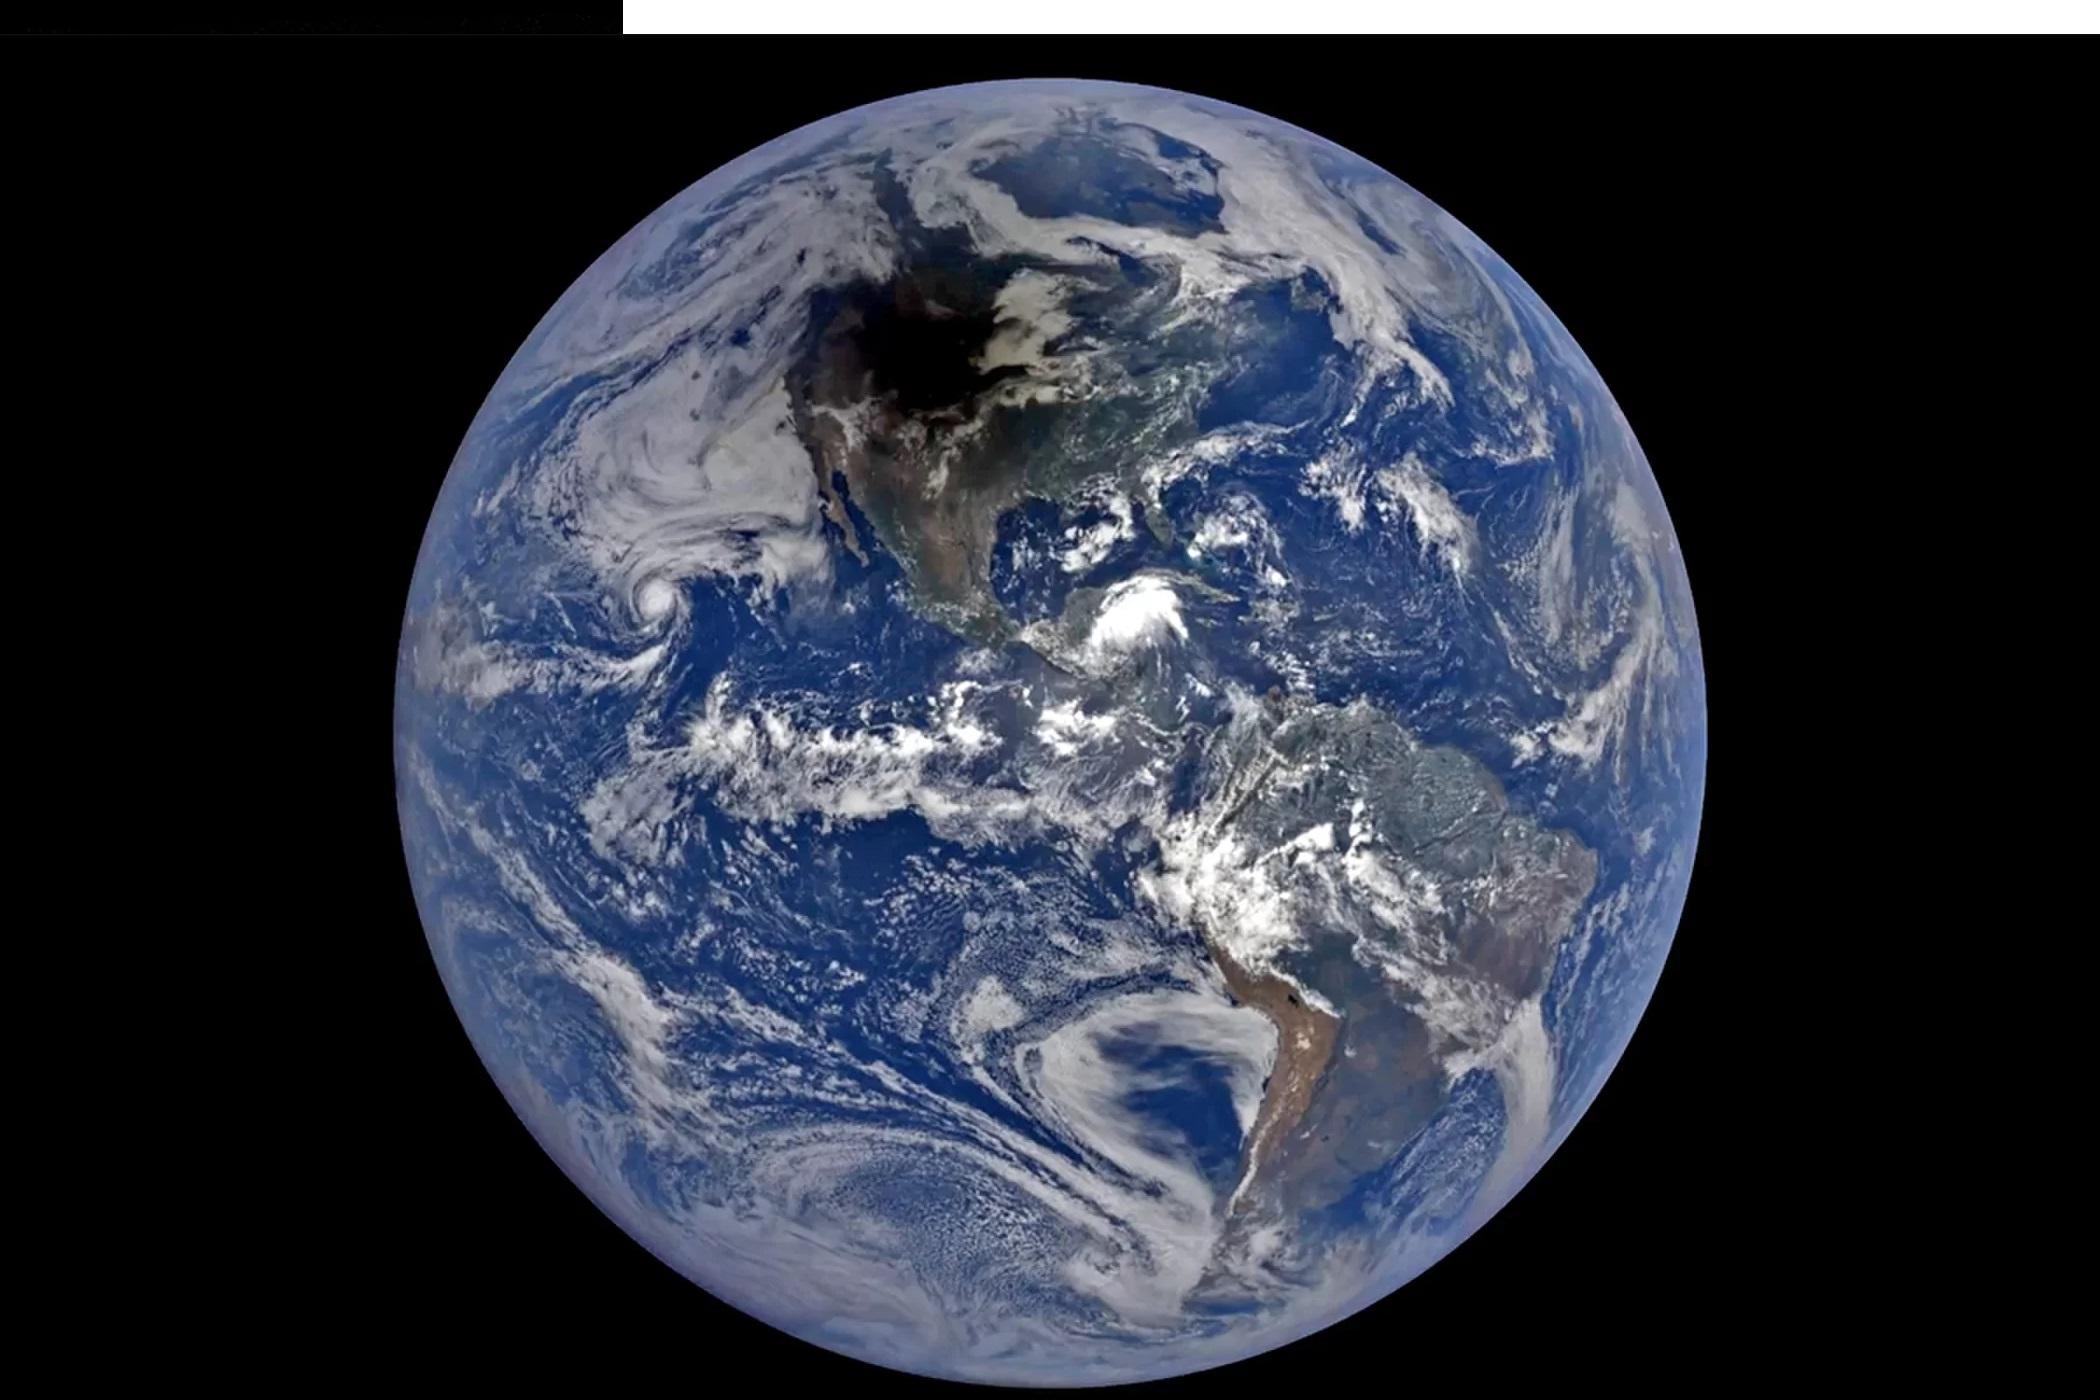 Daleko w kosmosie, należąca do NASA Earth Polychromatic Imaging Camera wysłała 12 EPICkich zdjęć cienia Księżyca sunącego po obszarze Ameryki Północnej w naturalnych barwach.